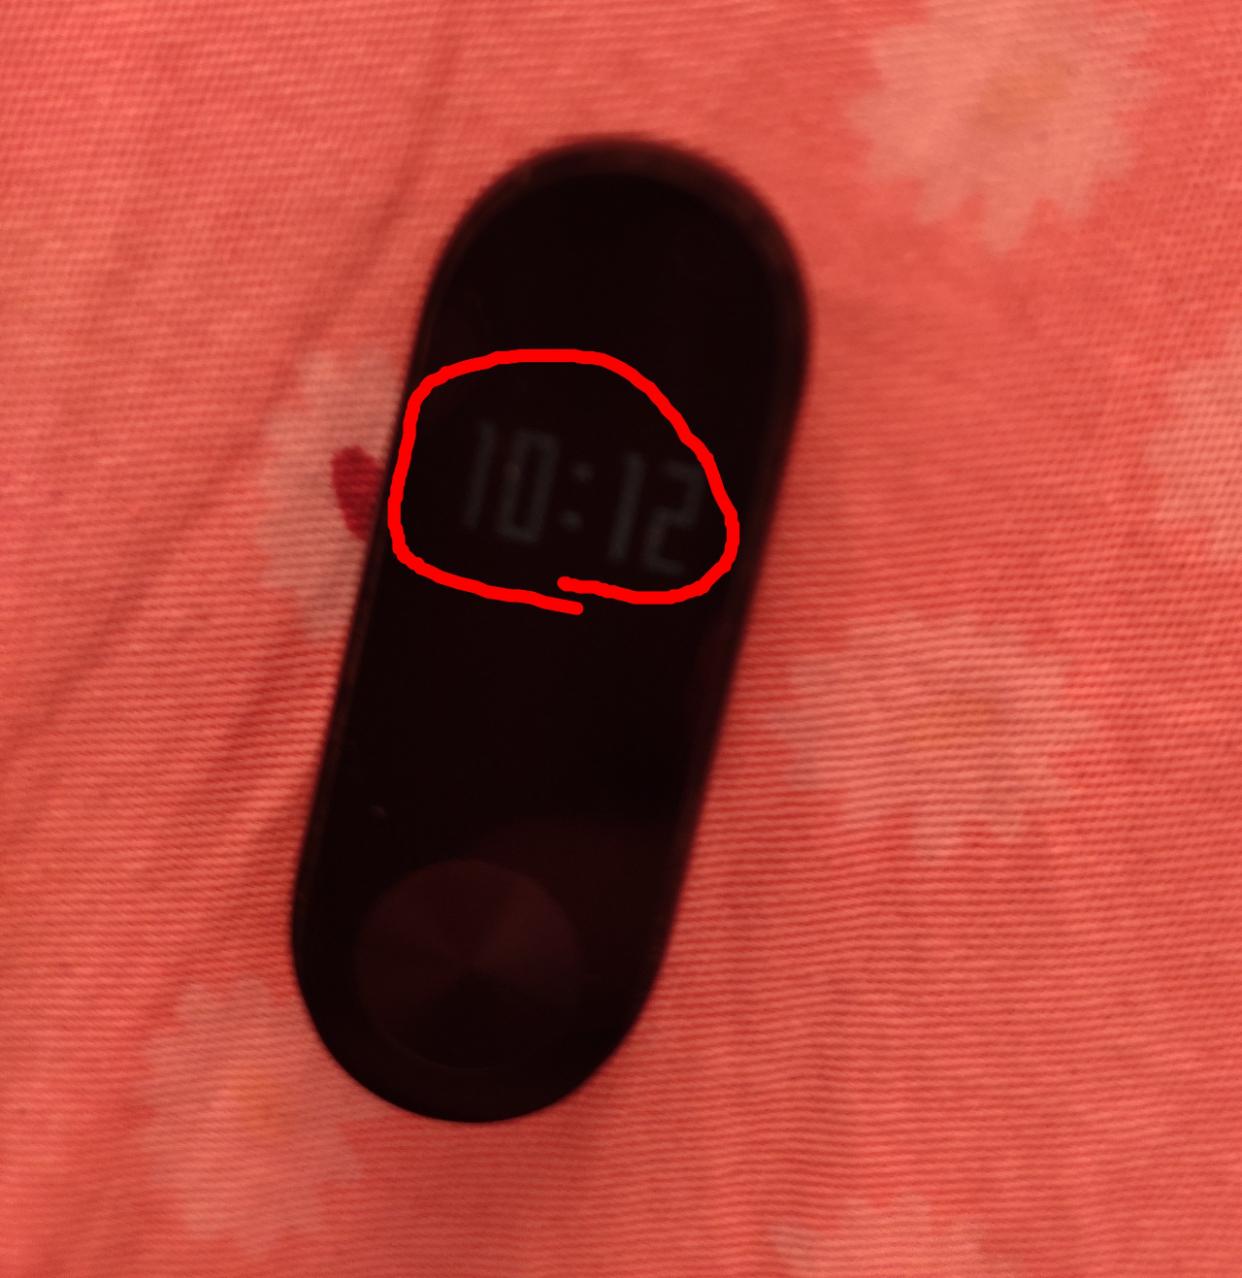 多人投诉小米手环屏幕亮度大幅降低,小米作出独家回应